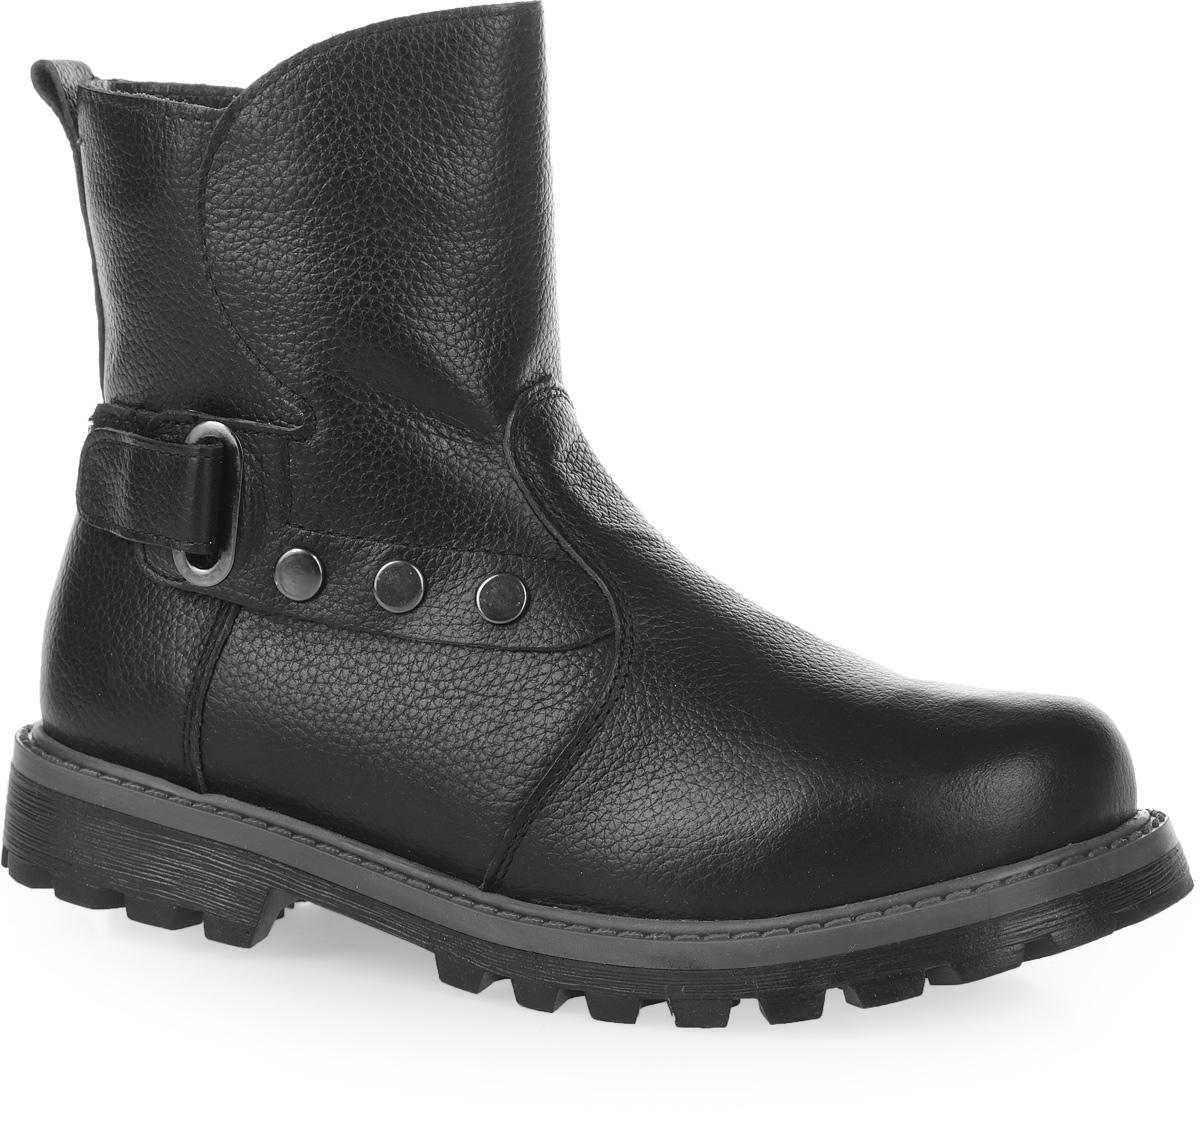 11203-1Полусапоги от Зебра выполнены из натуральной кожи и декорированы клепками. Застежка-молния надежно фиксирует изделие на ноге. Мягкая подкладка и стелька из натурального меха обеспечивают тепло, циркуляцию воздуха и сохраняют комфортный микроклимат в обуви.